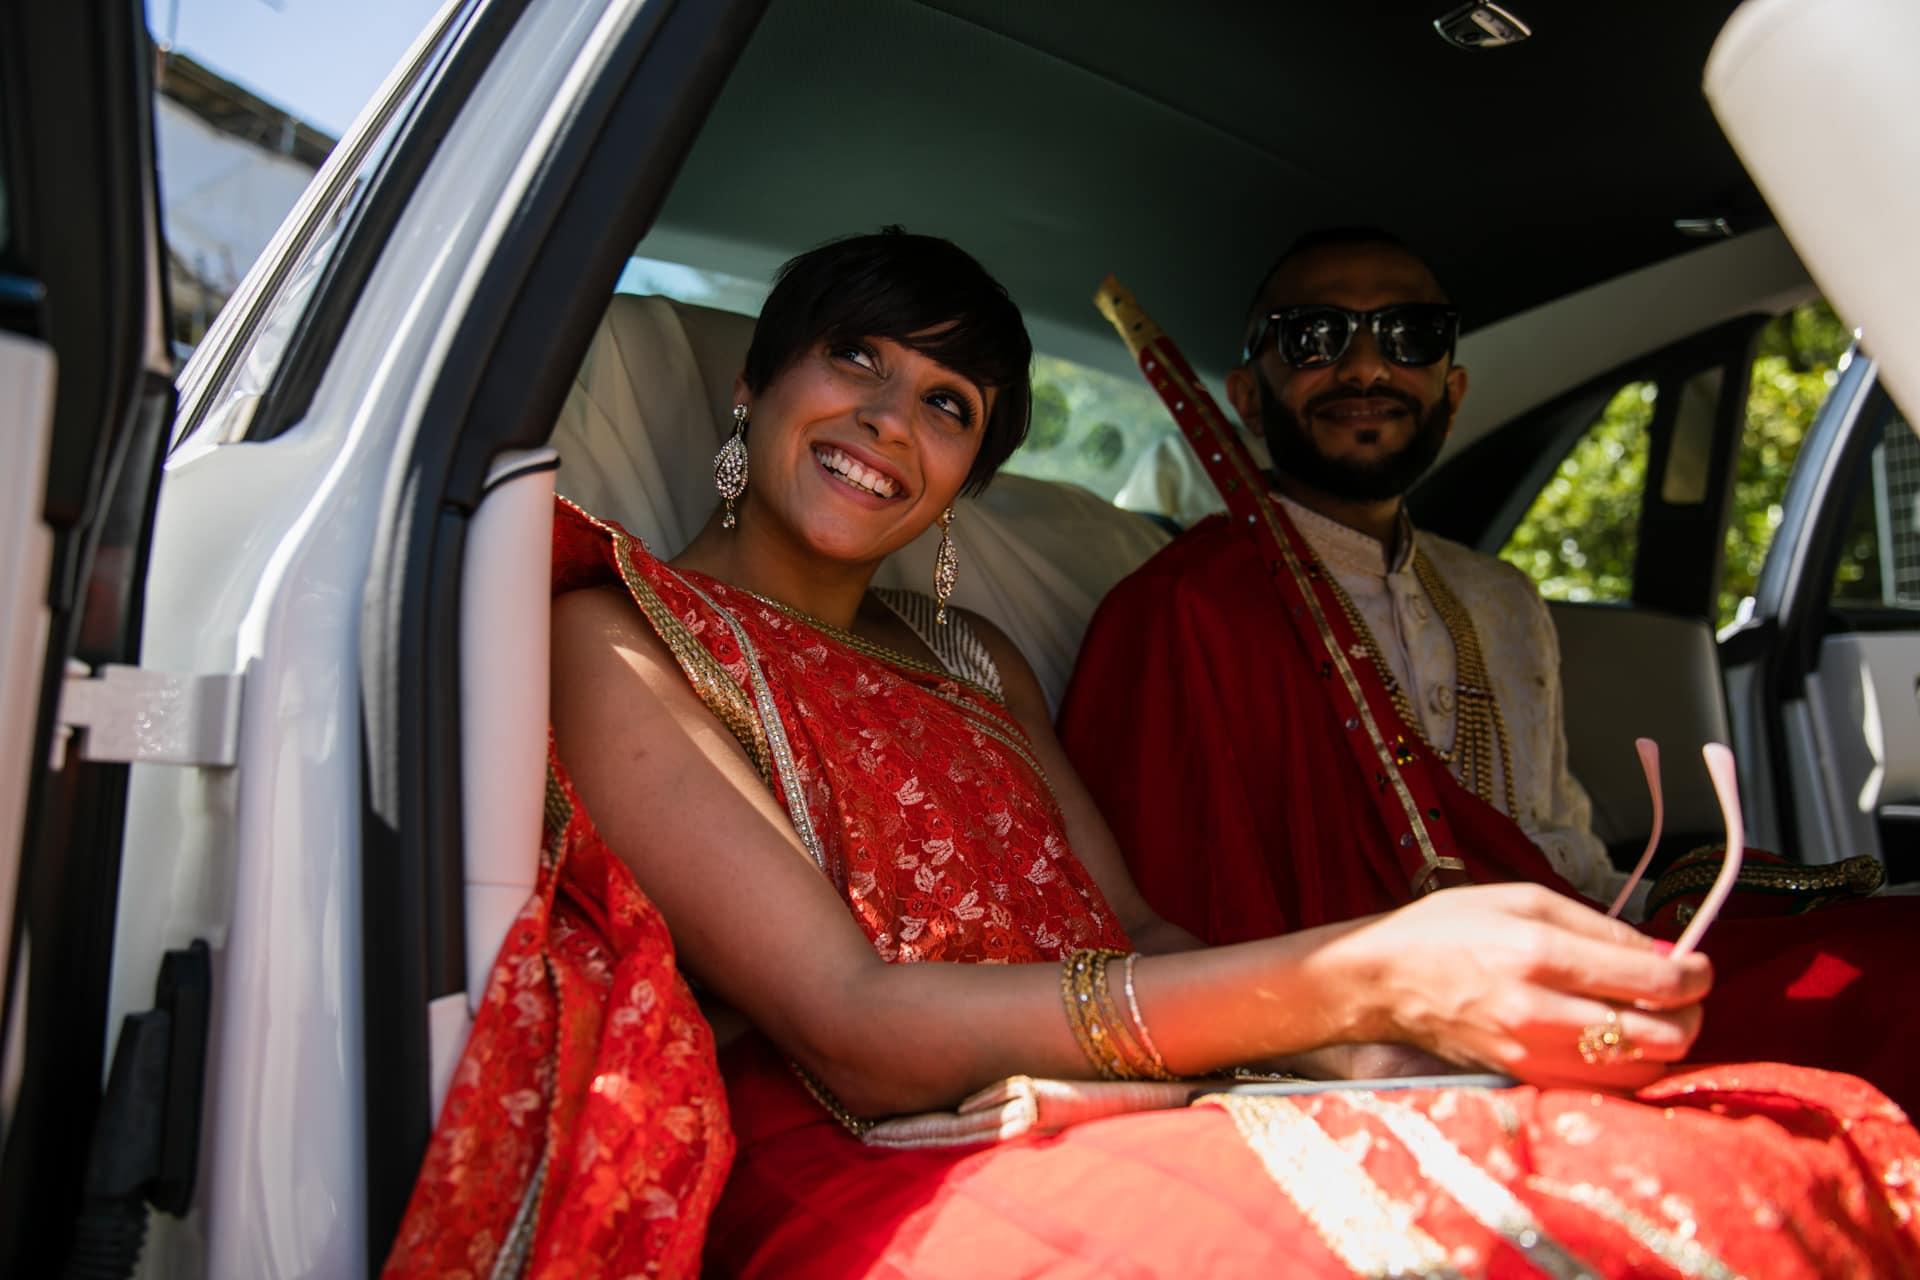 Groom inside wedding car